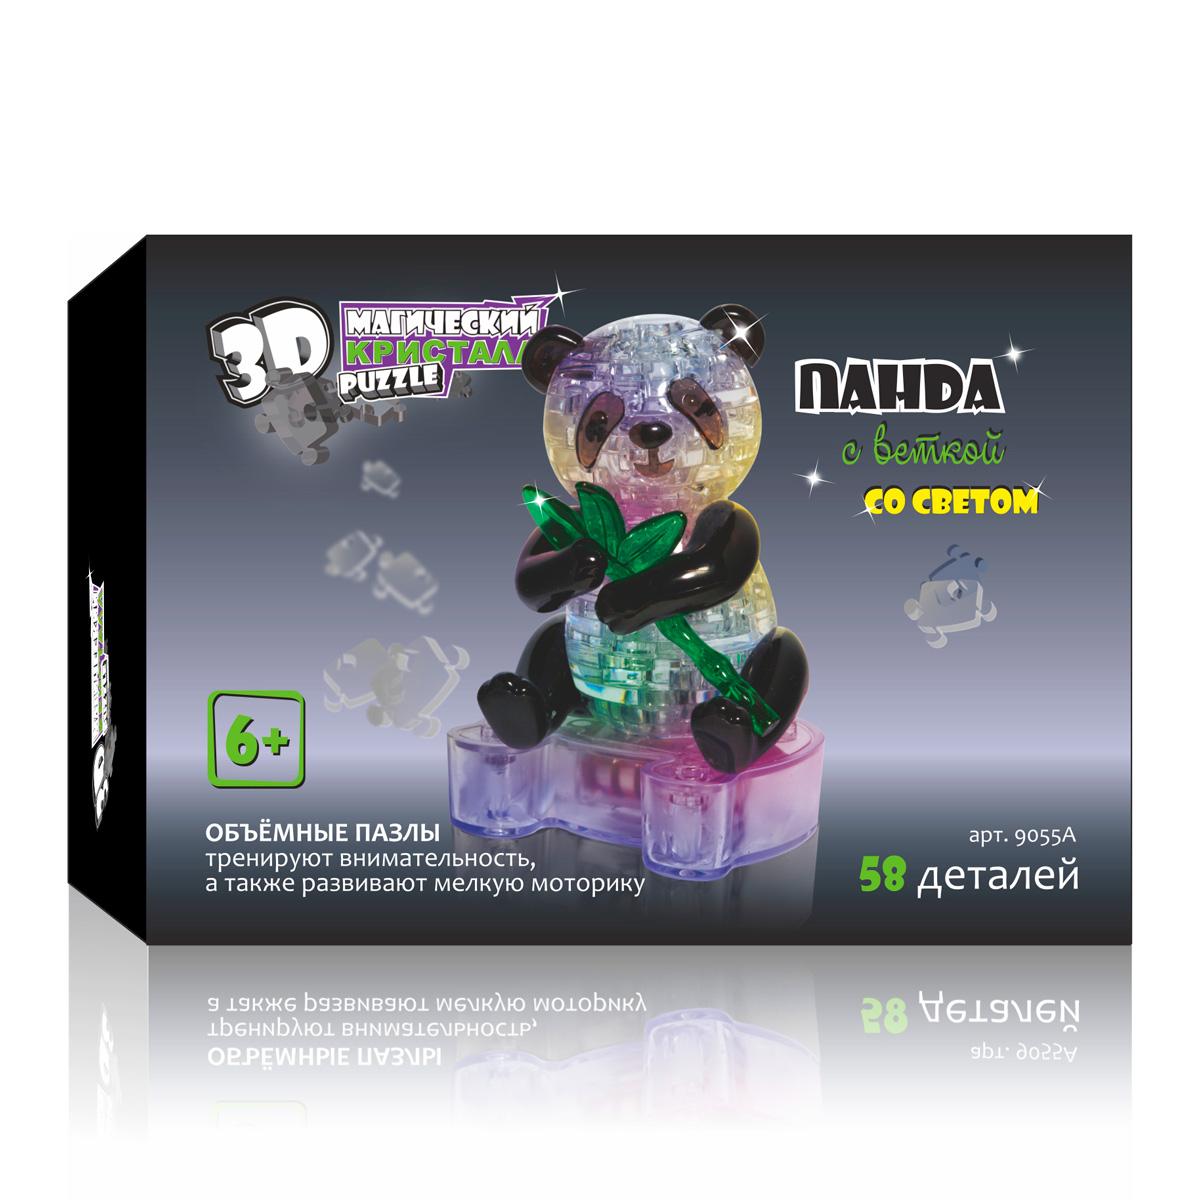 3D Пазл 3D Puzzle Магический Кристалл 9-58-0072629-58-007262Развивающая головоломки нового поколения - объемные пазлы. ПАНДА - исчезающий вид. По-китайски его имя означает «медведь-кошка». Символ дружбы и дружелюбия. Объемные пазлы 3D puzzle Магический Кристалл подойдут как детям, так и взрослым. Вы получите не только массу удовольствия, собирая кристаллические фигуры, но и проведете время с пользой: объемные пазлы развивают мелкую моторику рук, а также тренируют внимательность. Панда с веткой самая популярная модель среди наших покупателей!